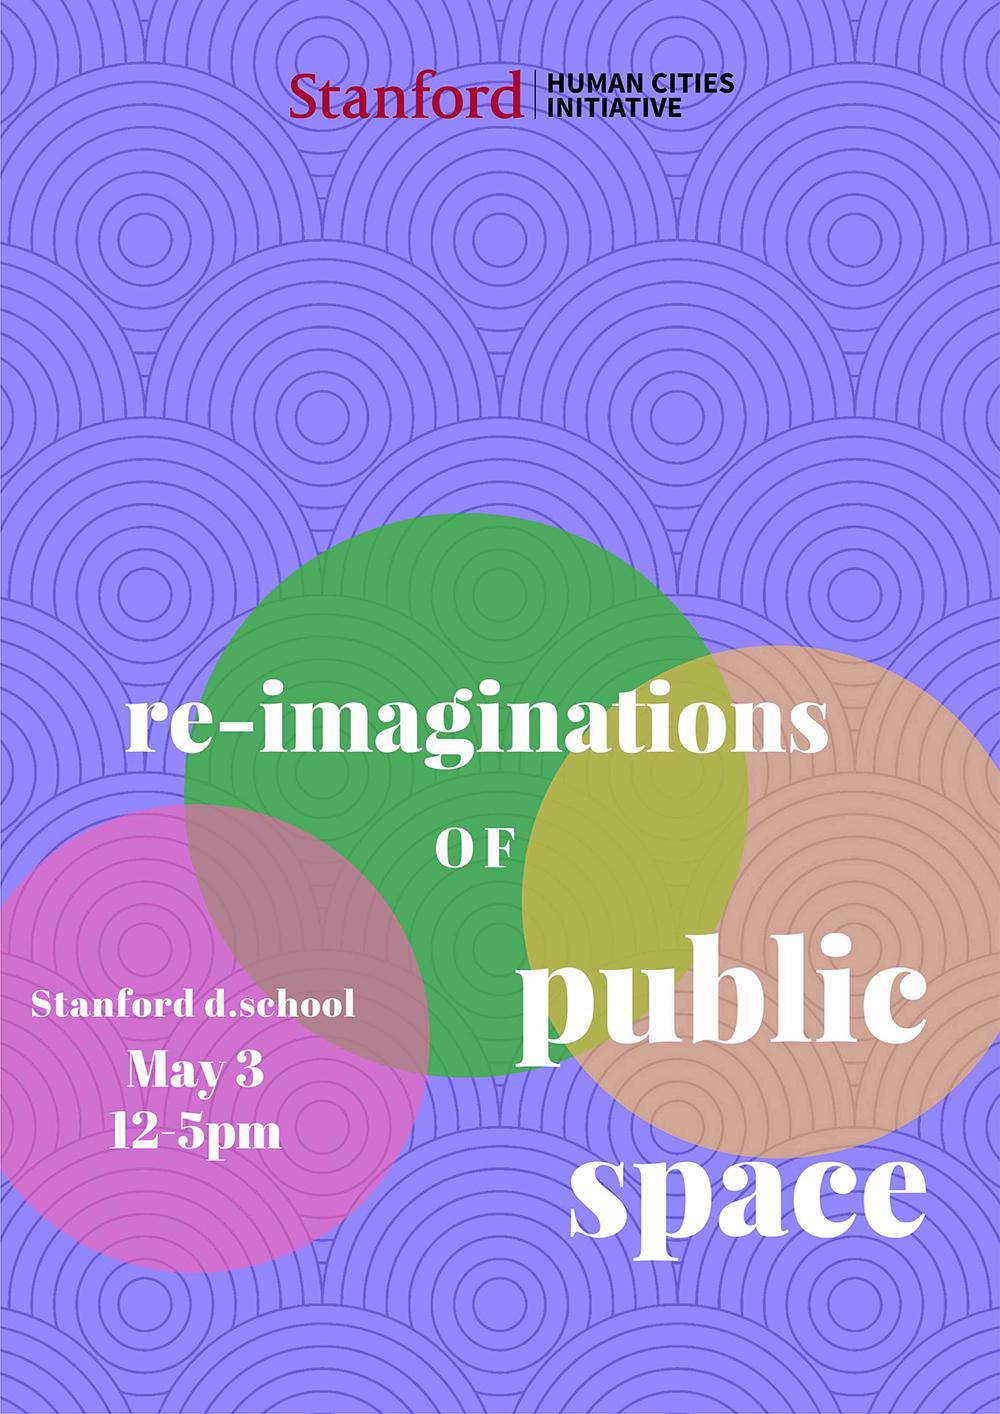 PublicSpaceSq.jpg